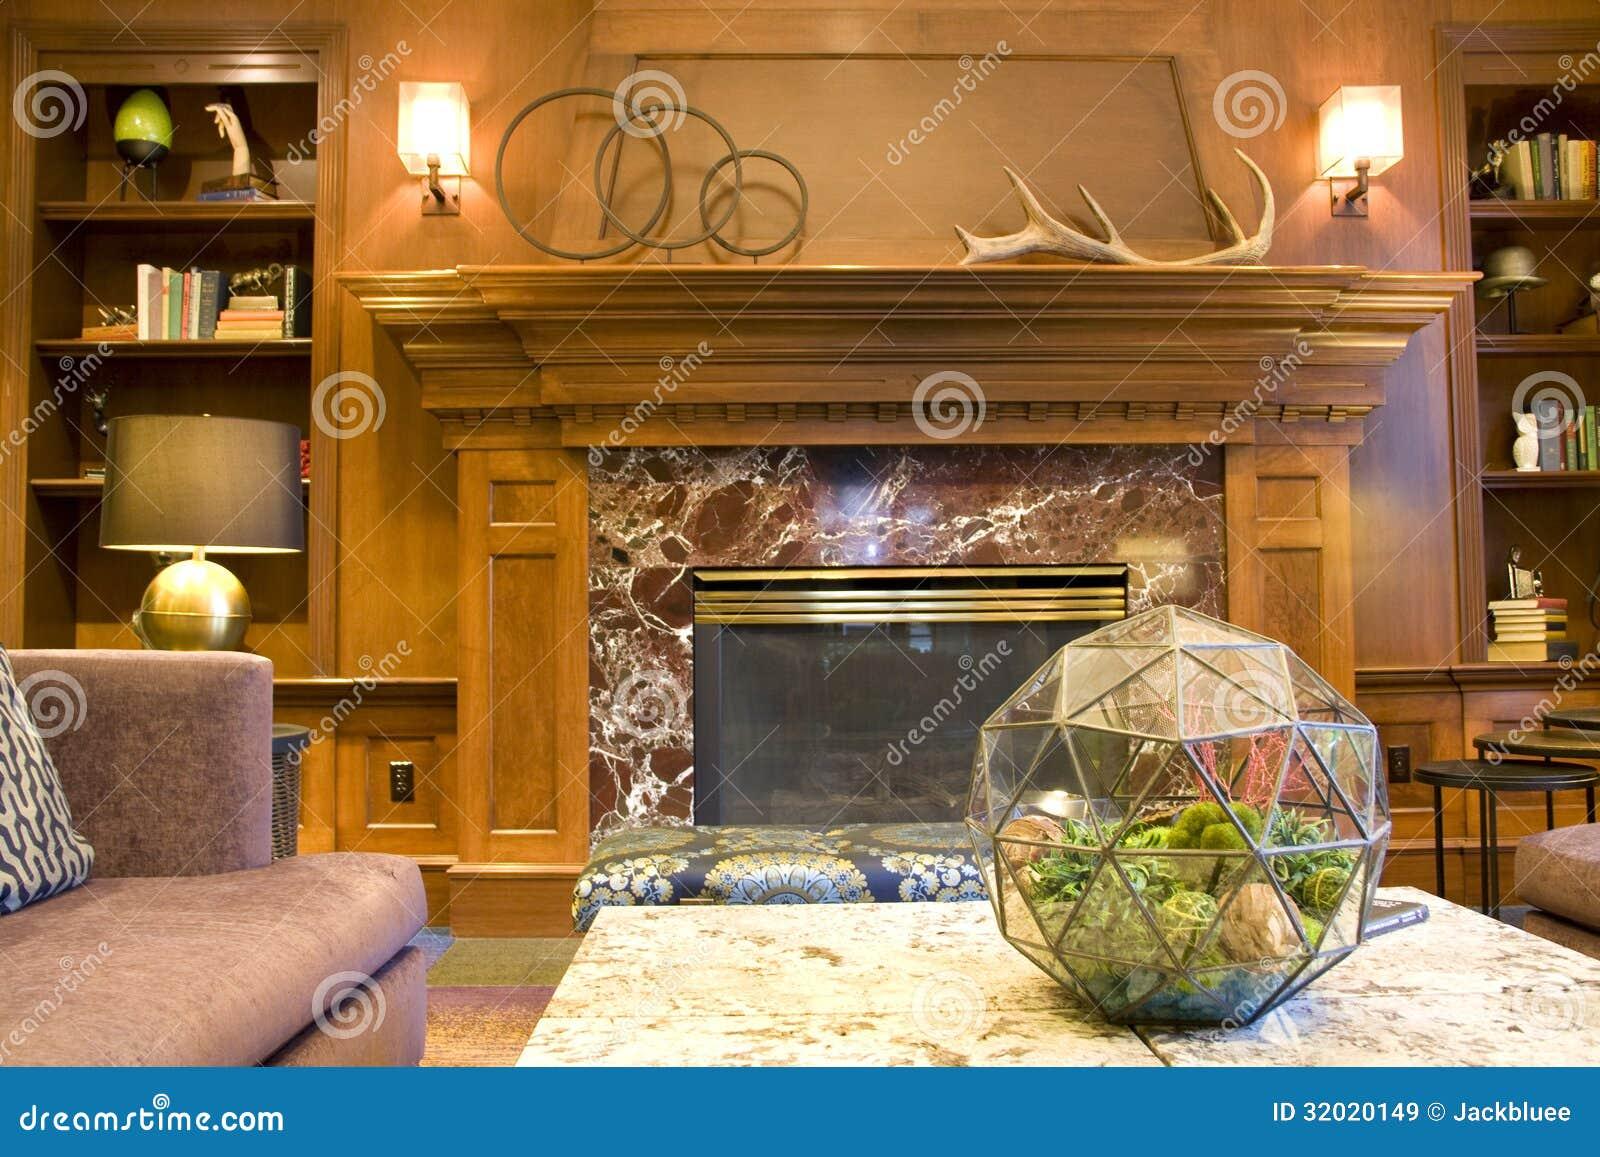 Hotel Di Lusso Interni : Interni del salone dellingresso dellalbergo di lusso immagine